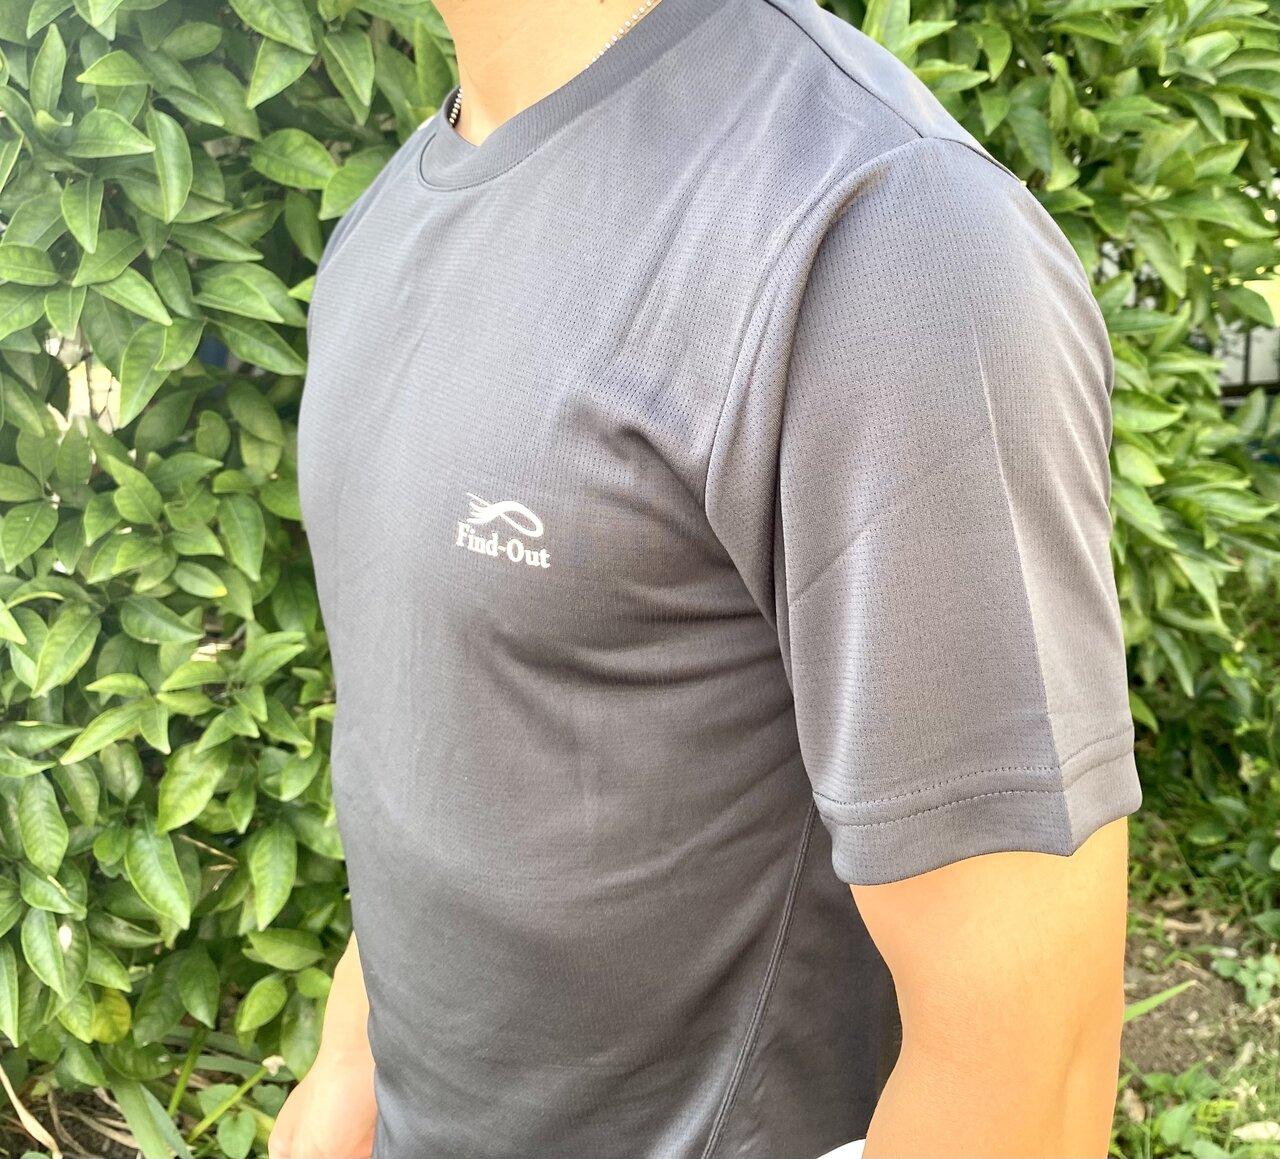 【ワークマン】驚きの580円!ベタつかずサラッと着られる「冷感リフレクティブ フランク半袖Tシャツ」